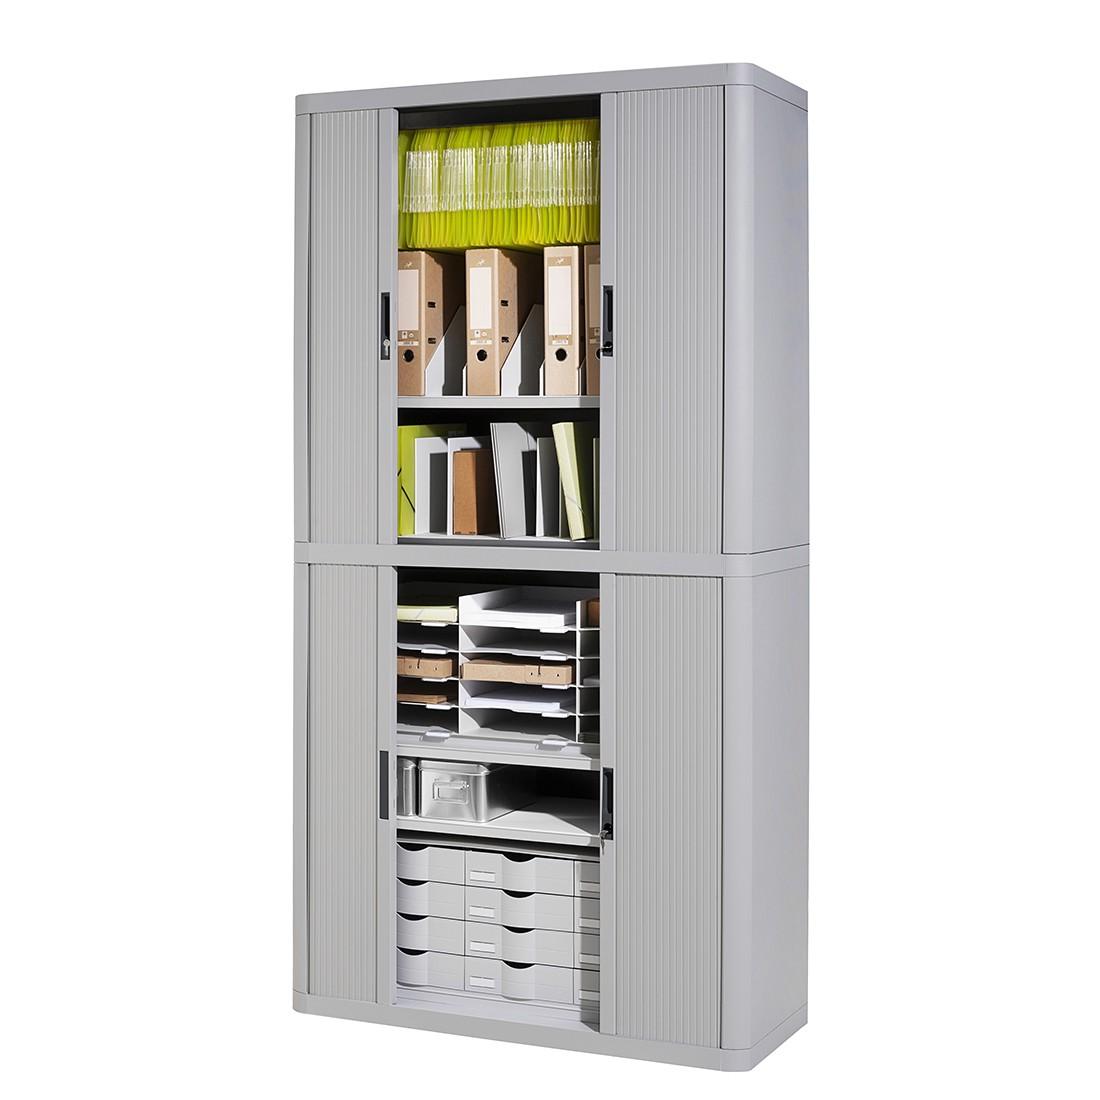 Dossierkast easyOffice - Grijs - 204cm, easy Office und Paperflow